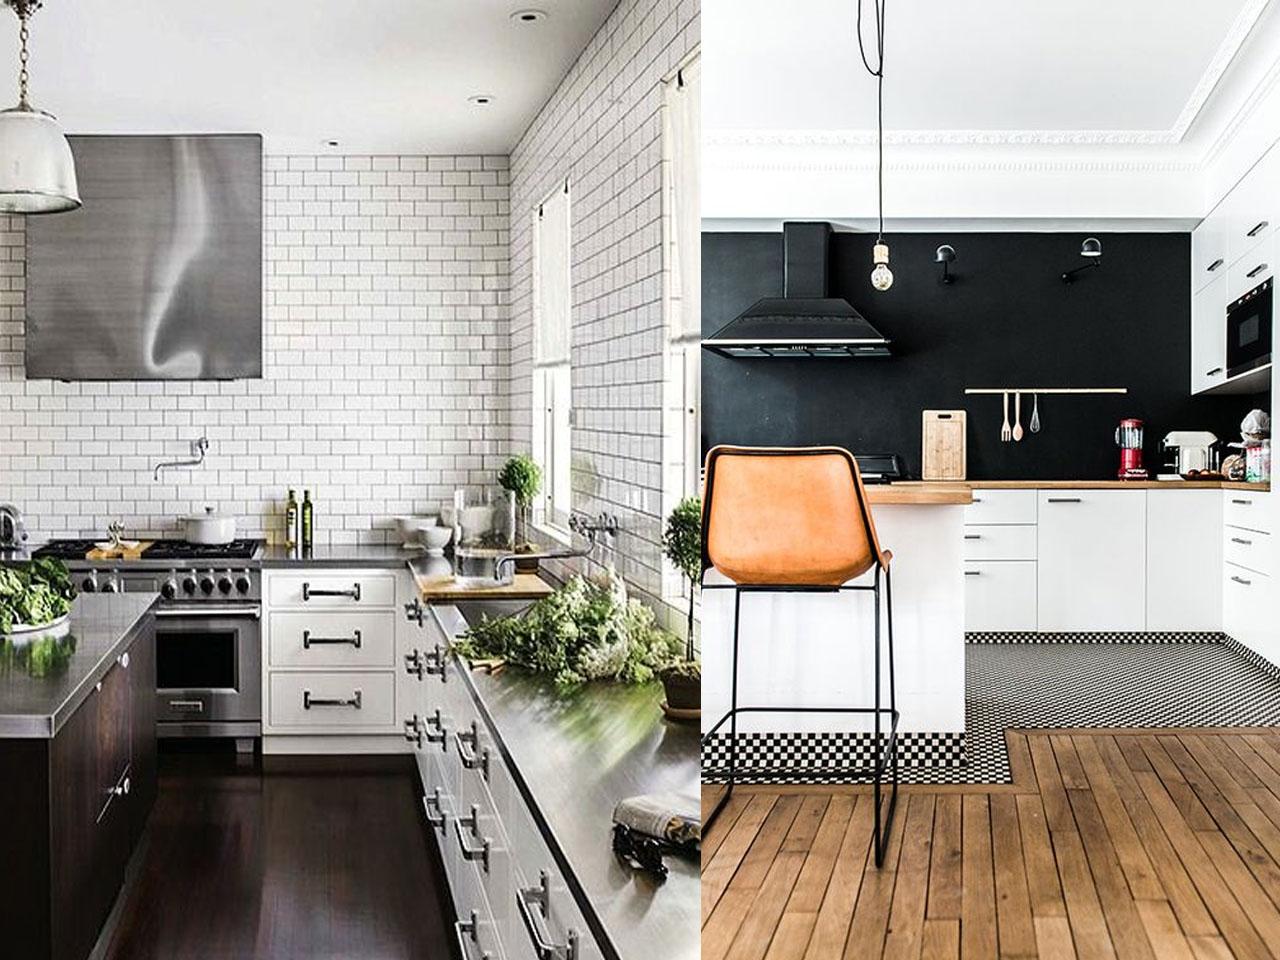 Tendencias cocinas 2017 el nuevo centro de tu hogar - Nuevos materiales para encimeras de cocina ...